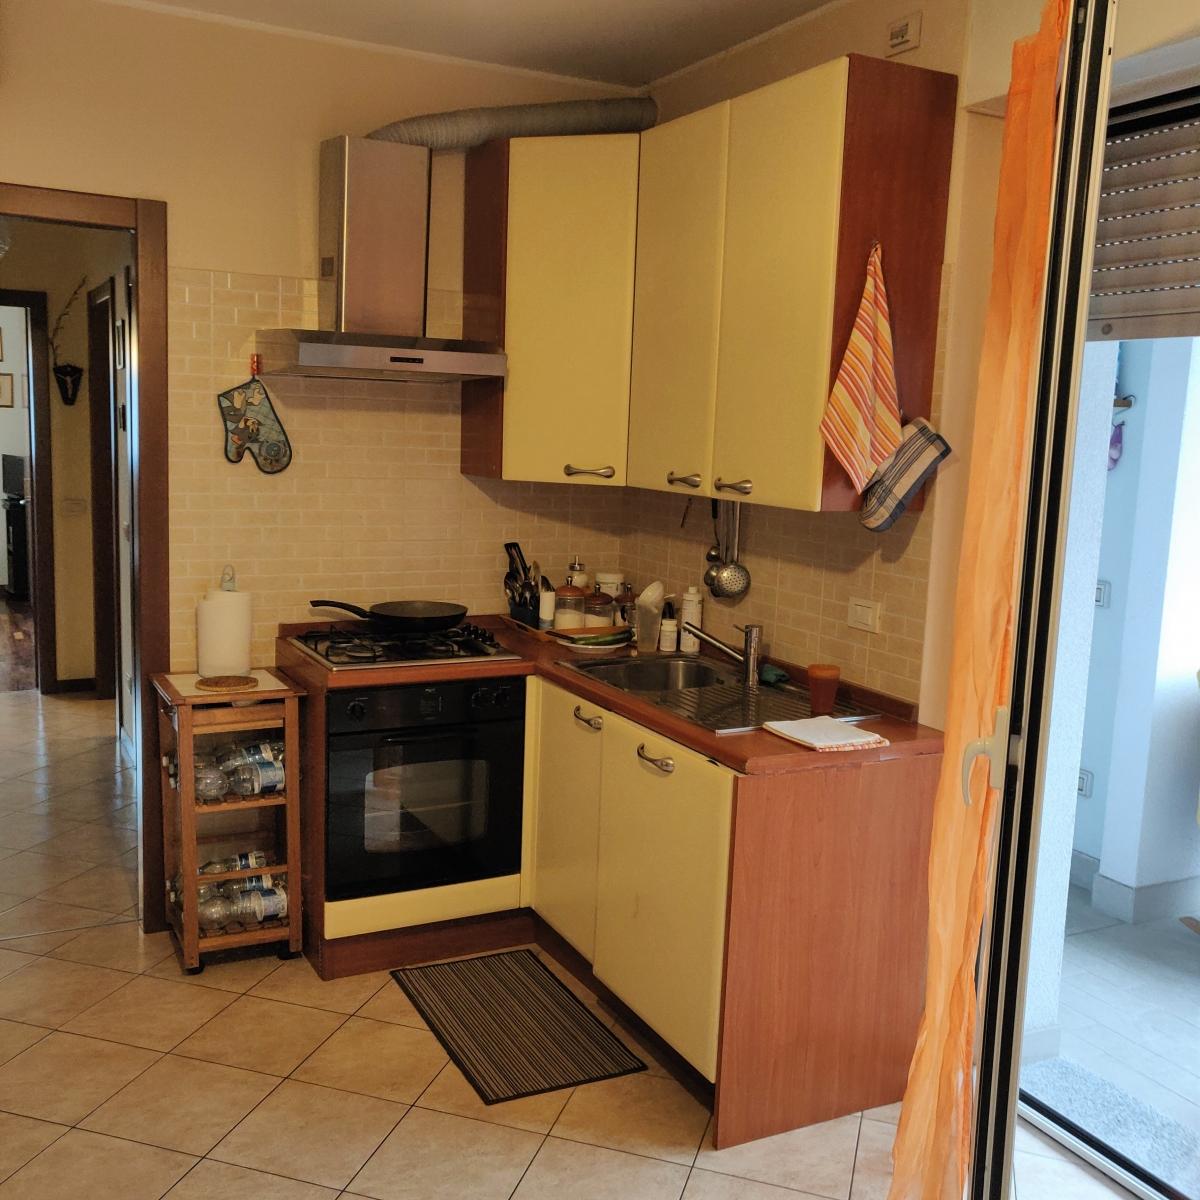 appartamento-in-vendita-milano-via-forze-armate-recente-costruzione-4-locali-spaziourbano-immobiliare-vende-21